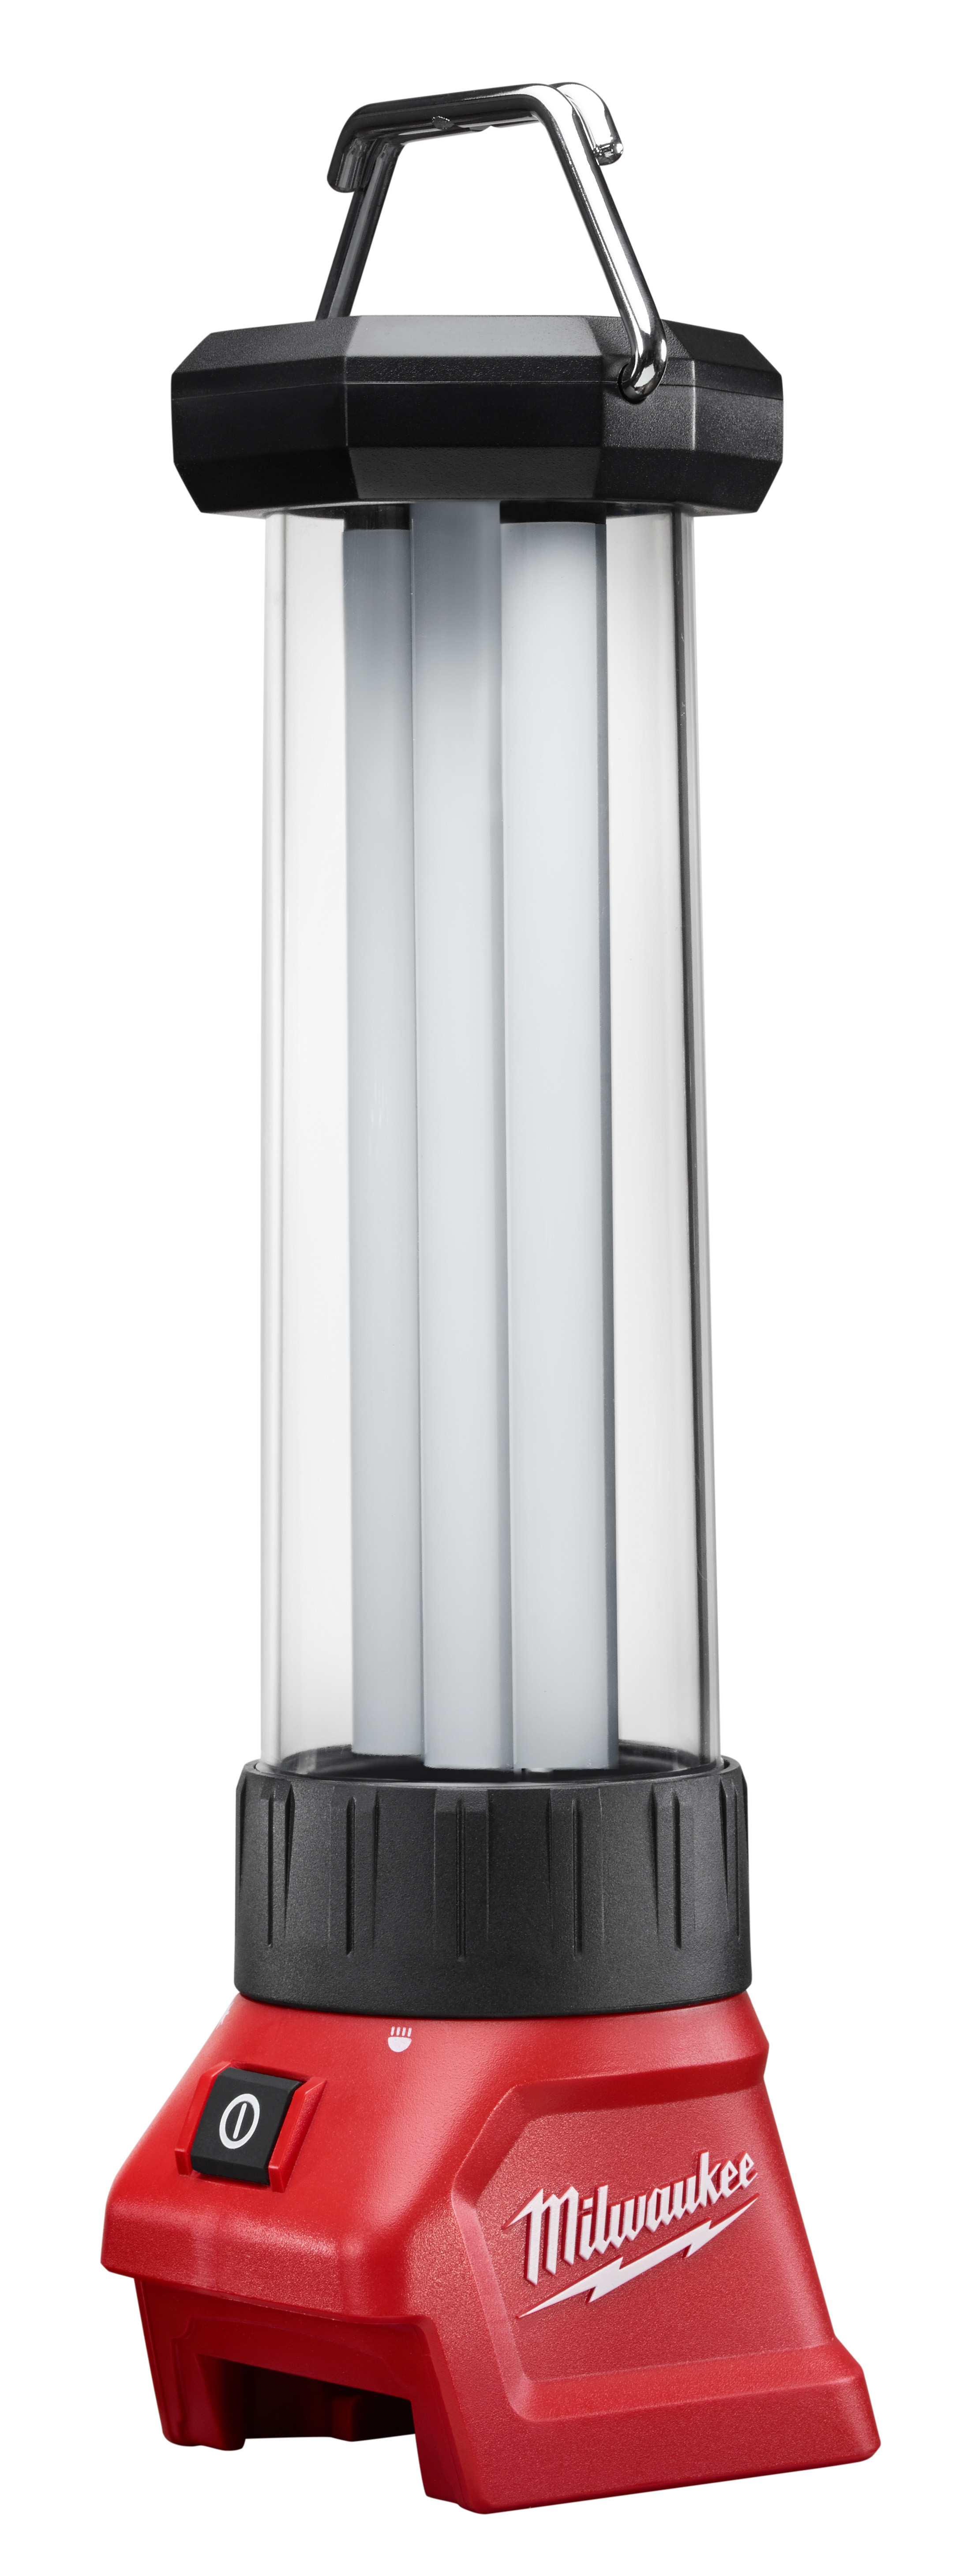 Milwaukee® M18™ 2363-20 Rechargeable Lantern/Flood Light, LED Lamp, 18 VDC, REDLITHIUM™ Battery